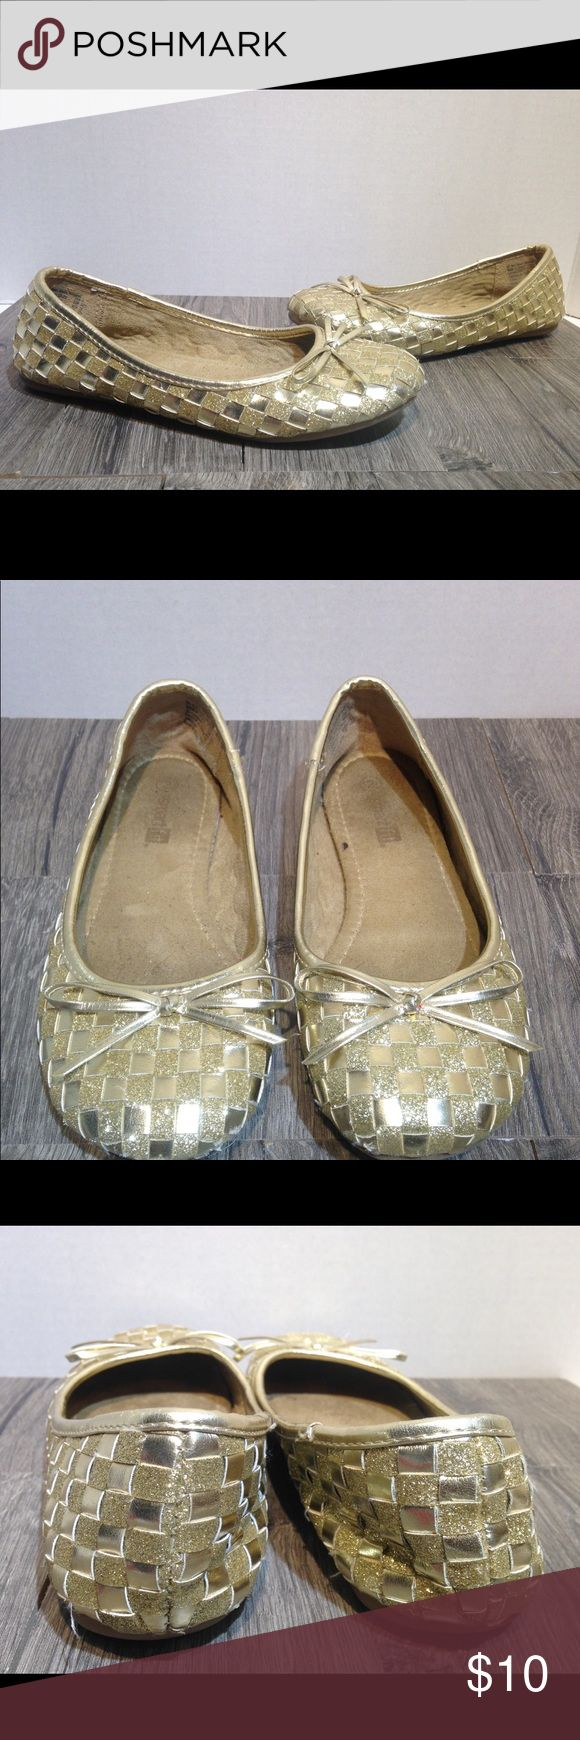 Smart Fit gold basket weave ballet shoes size 2 Smart Fit gold basket weave ballet shoes  size 2 smart fit Shoes Dress Shoes